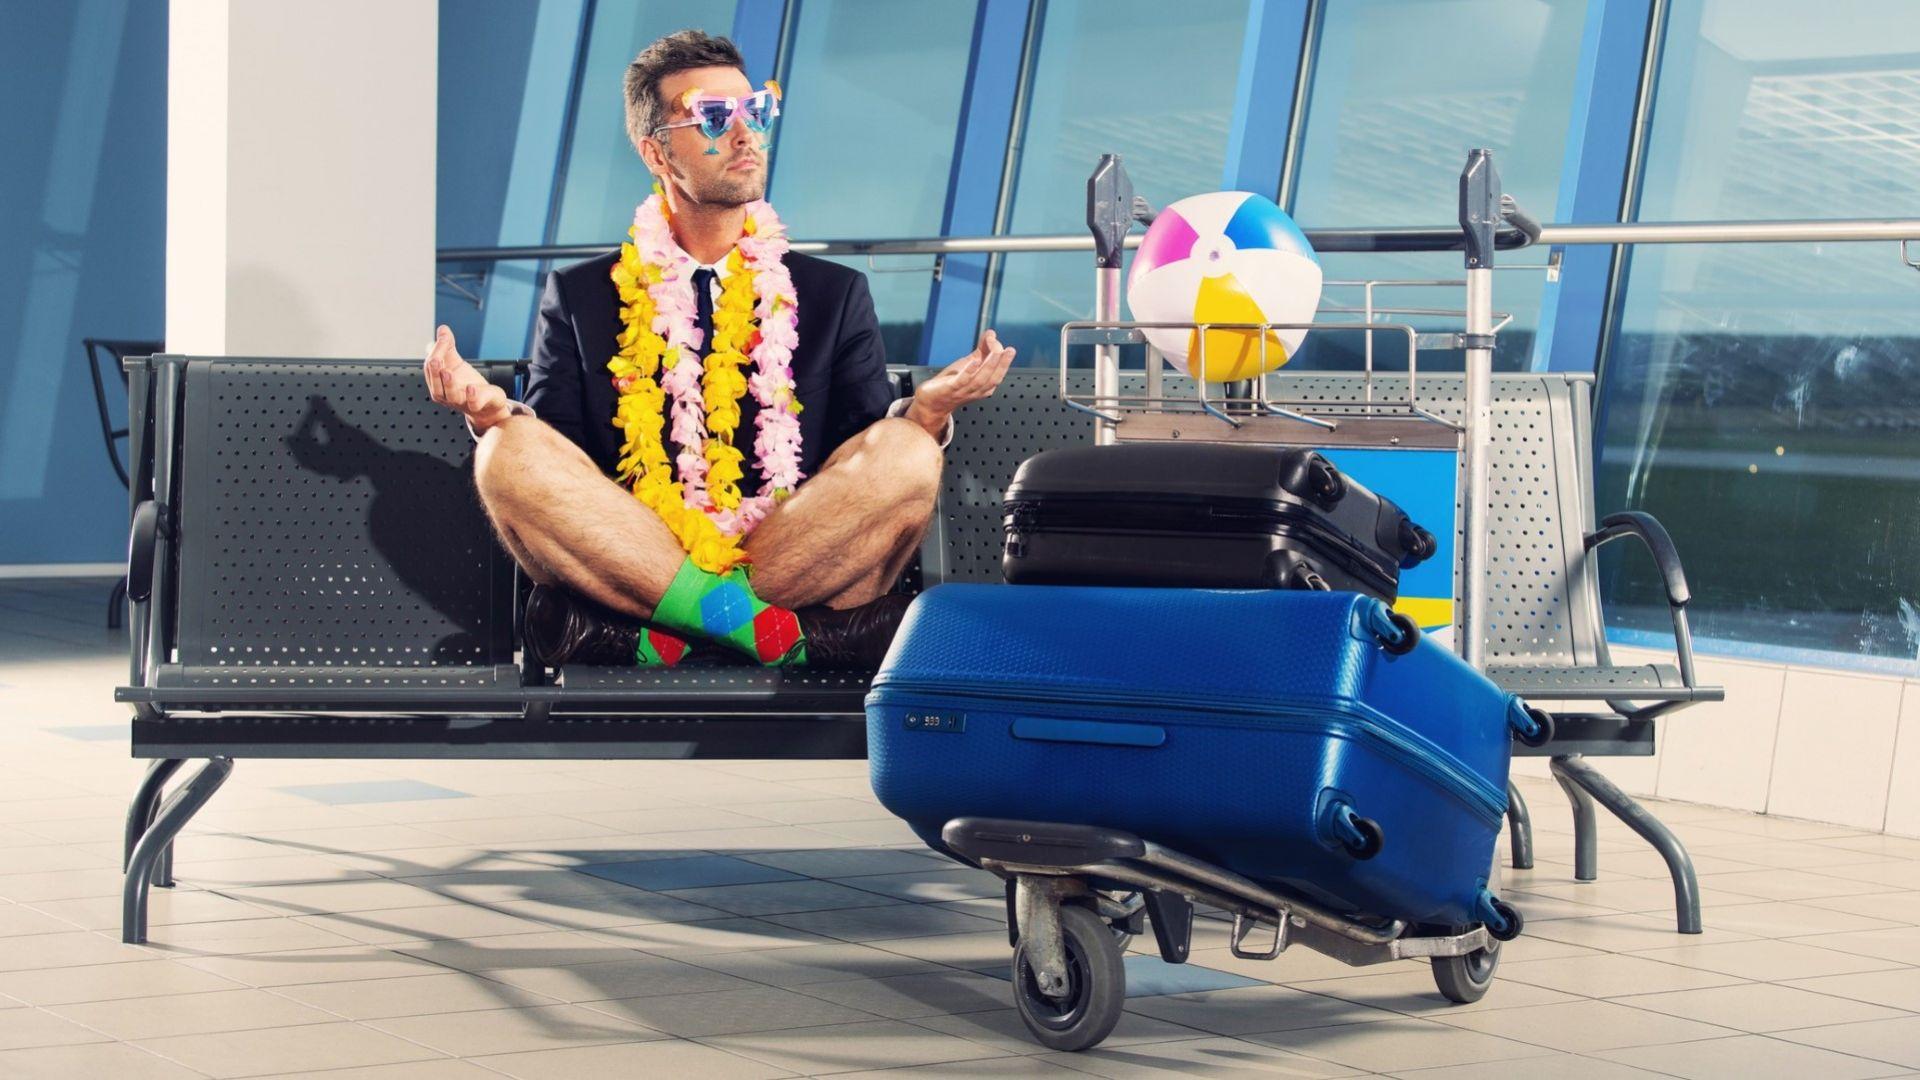 Това лято пътуването ще е стрес - тези 4 дзен техники ще ви спасят